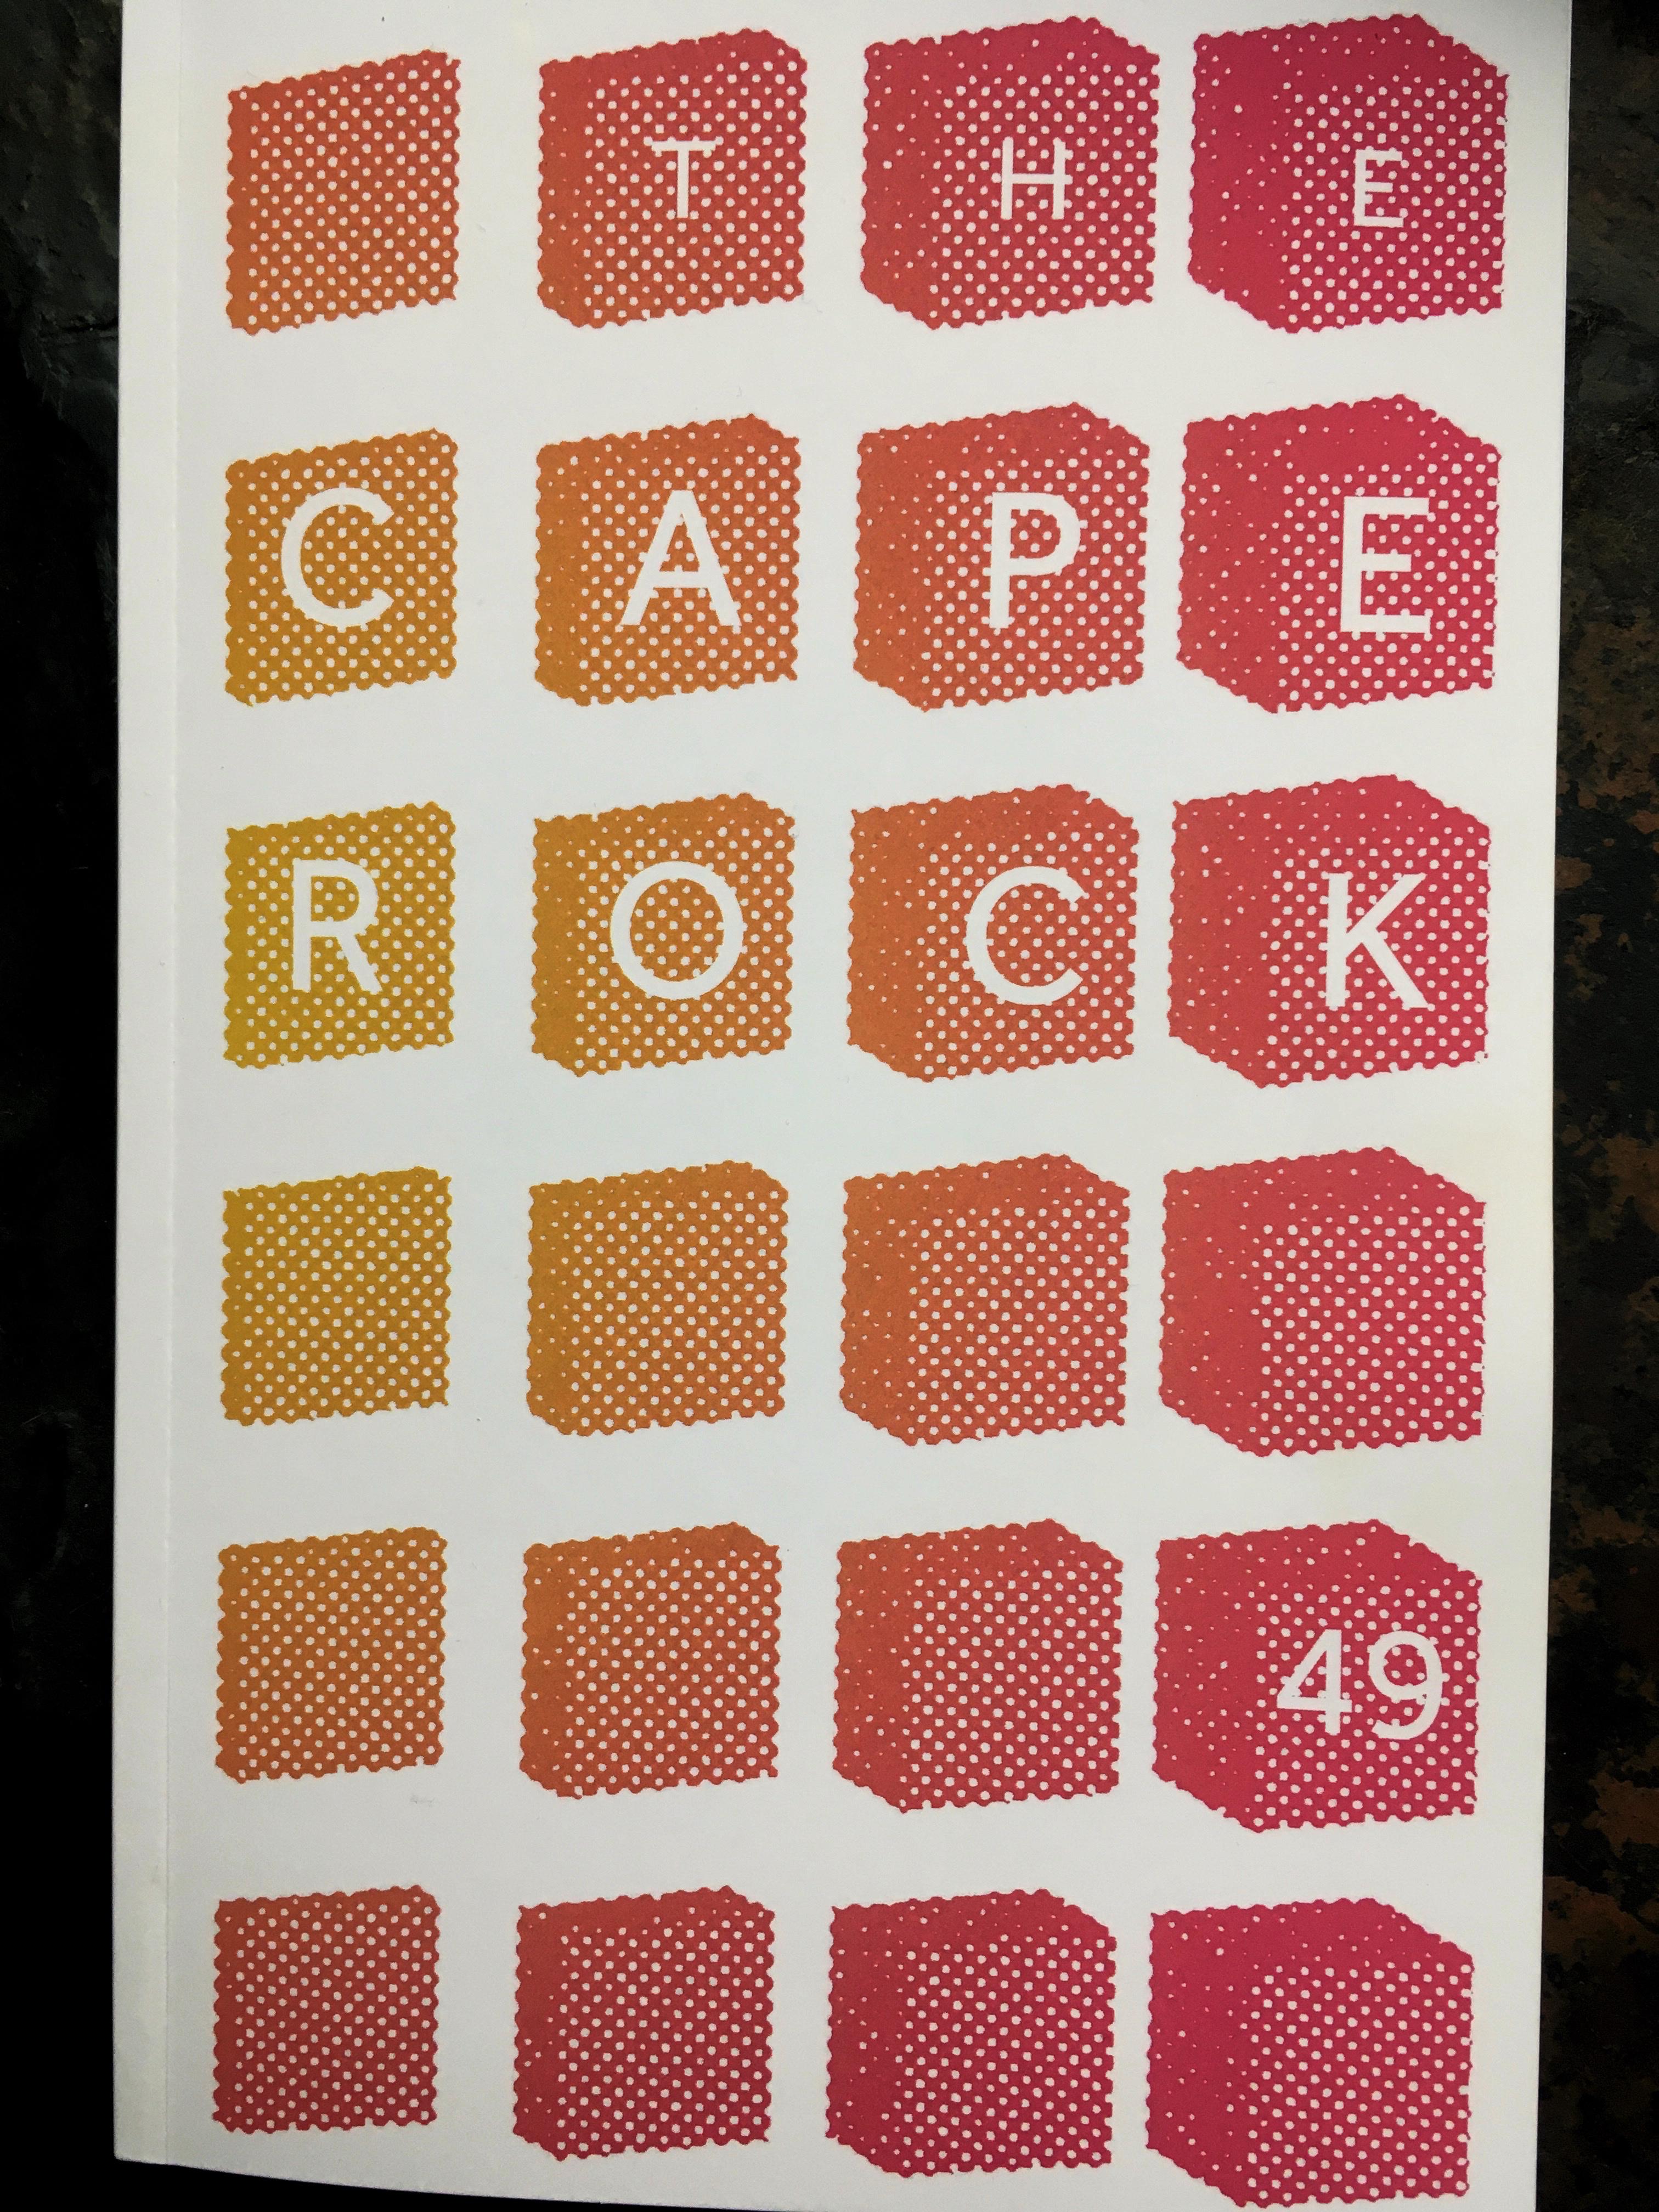 The Cape Rock, cover, volume 49